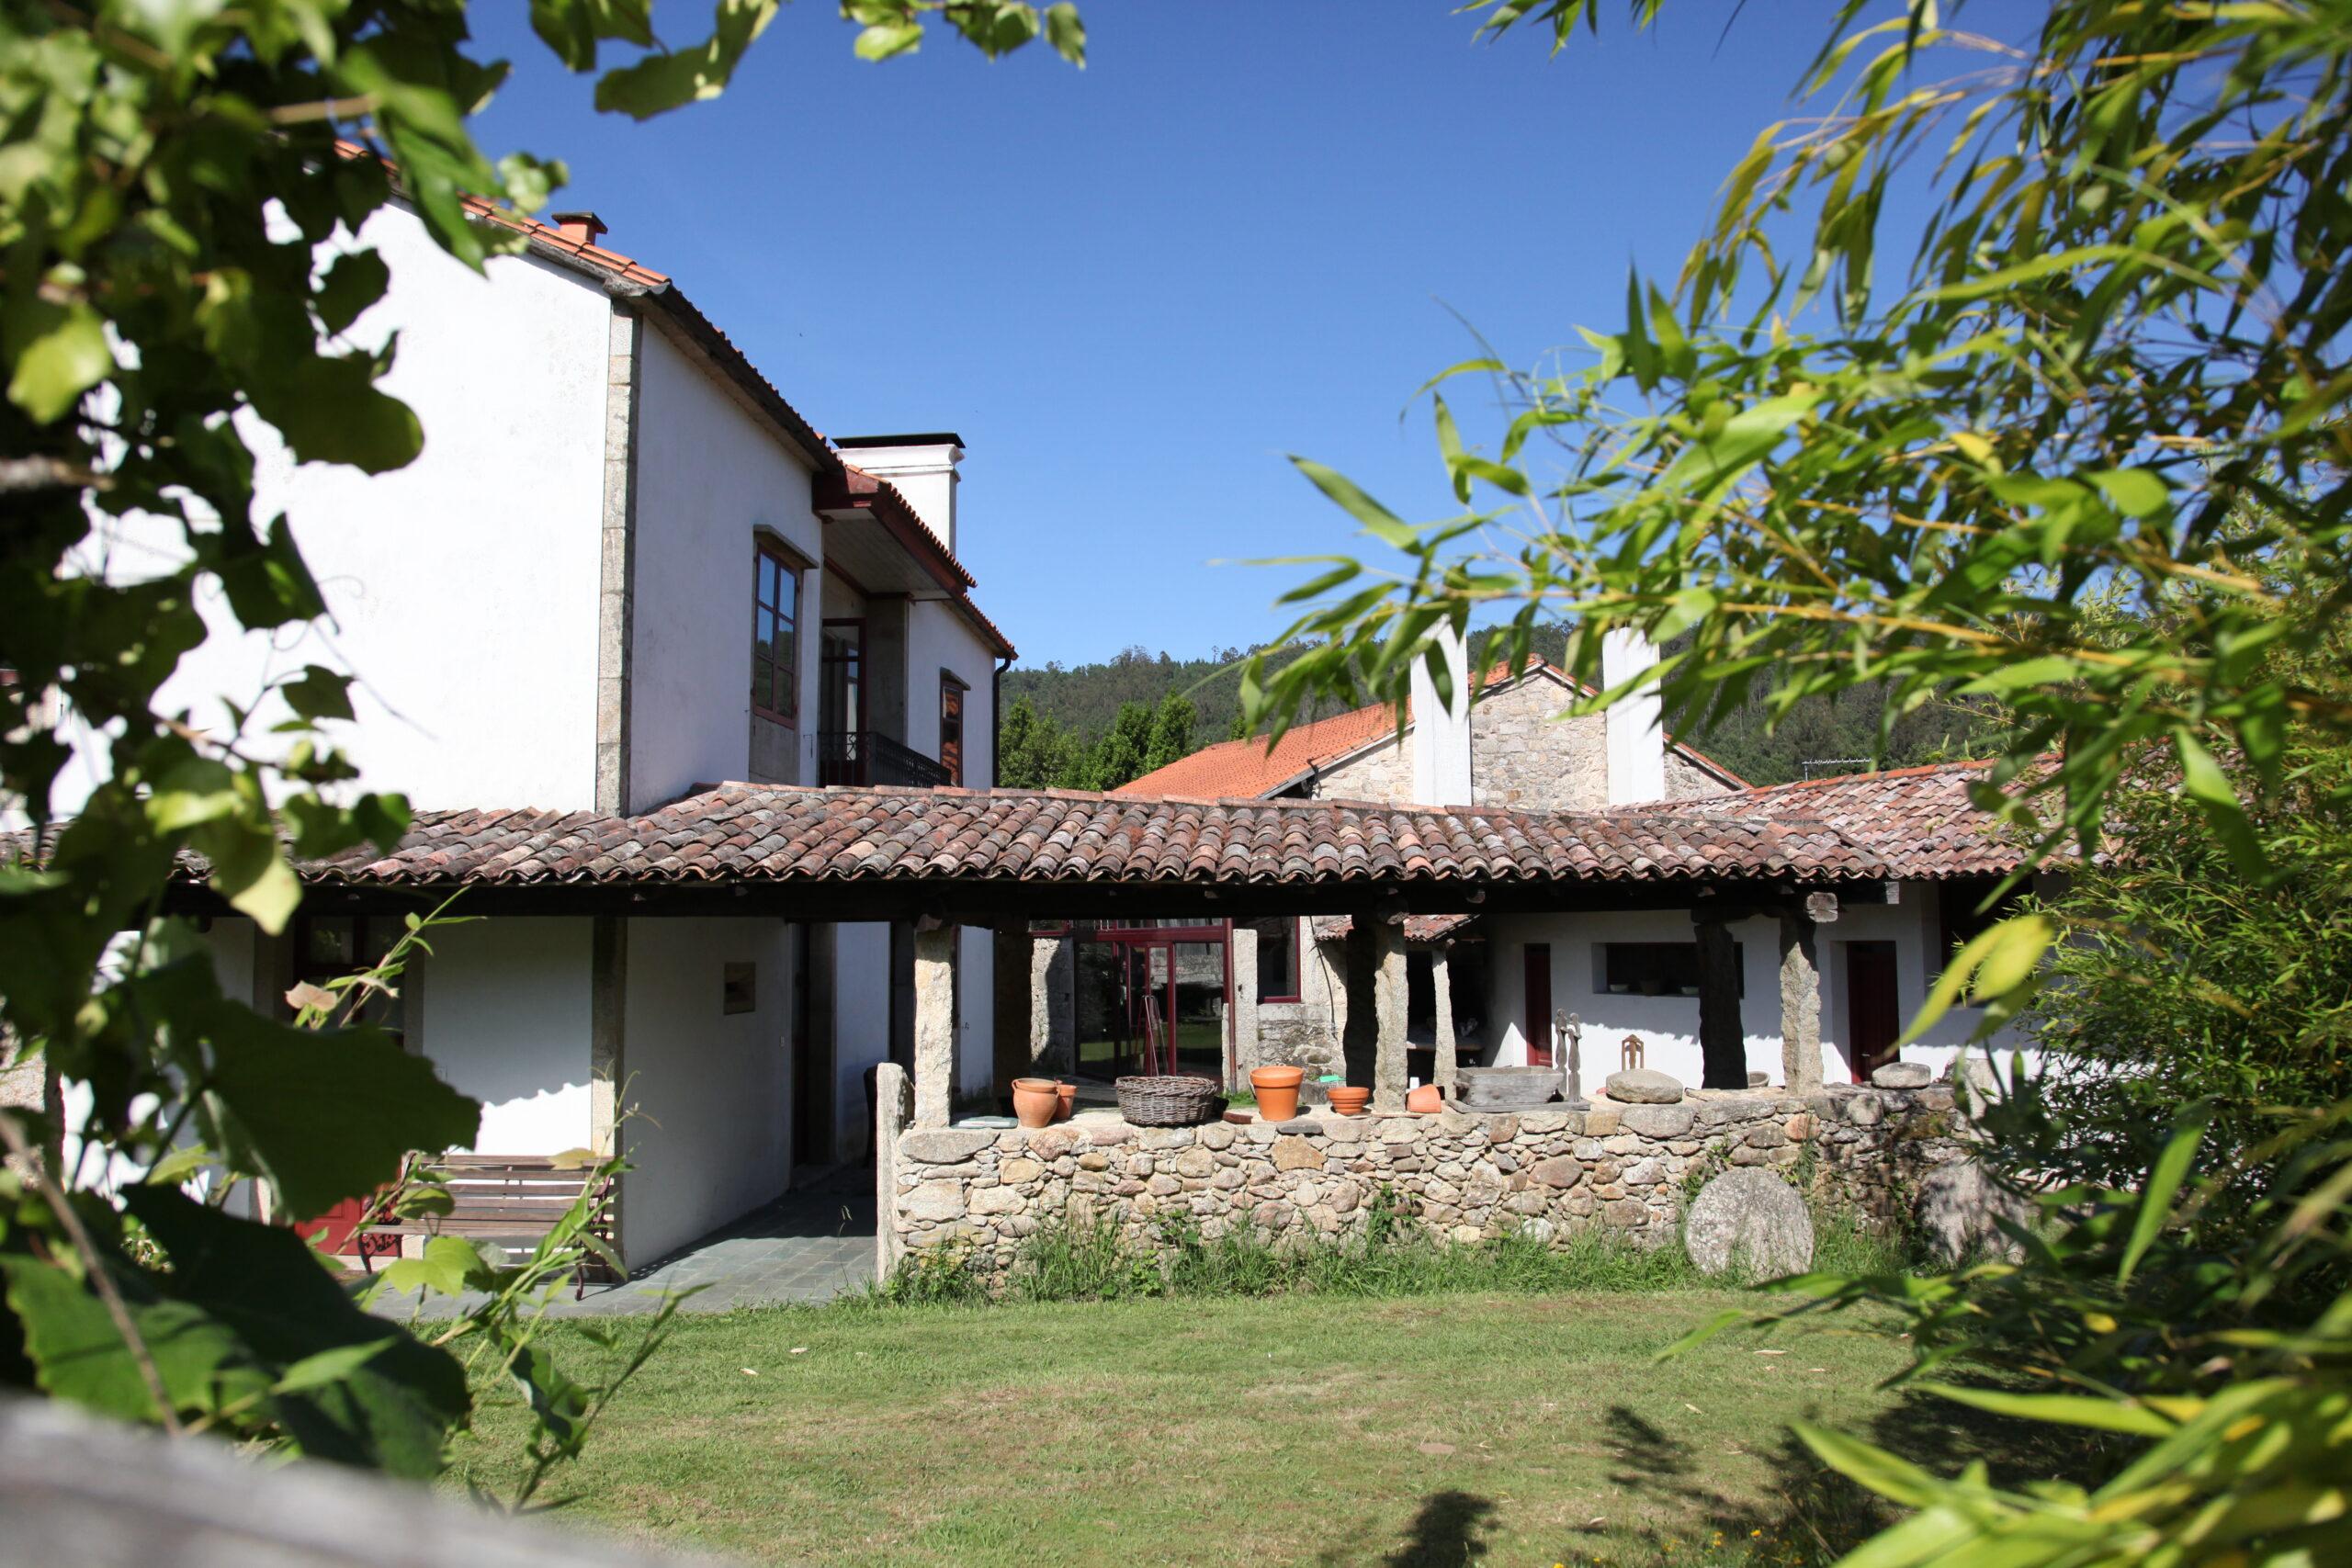 Soportal en Casa de Roque